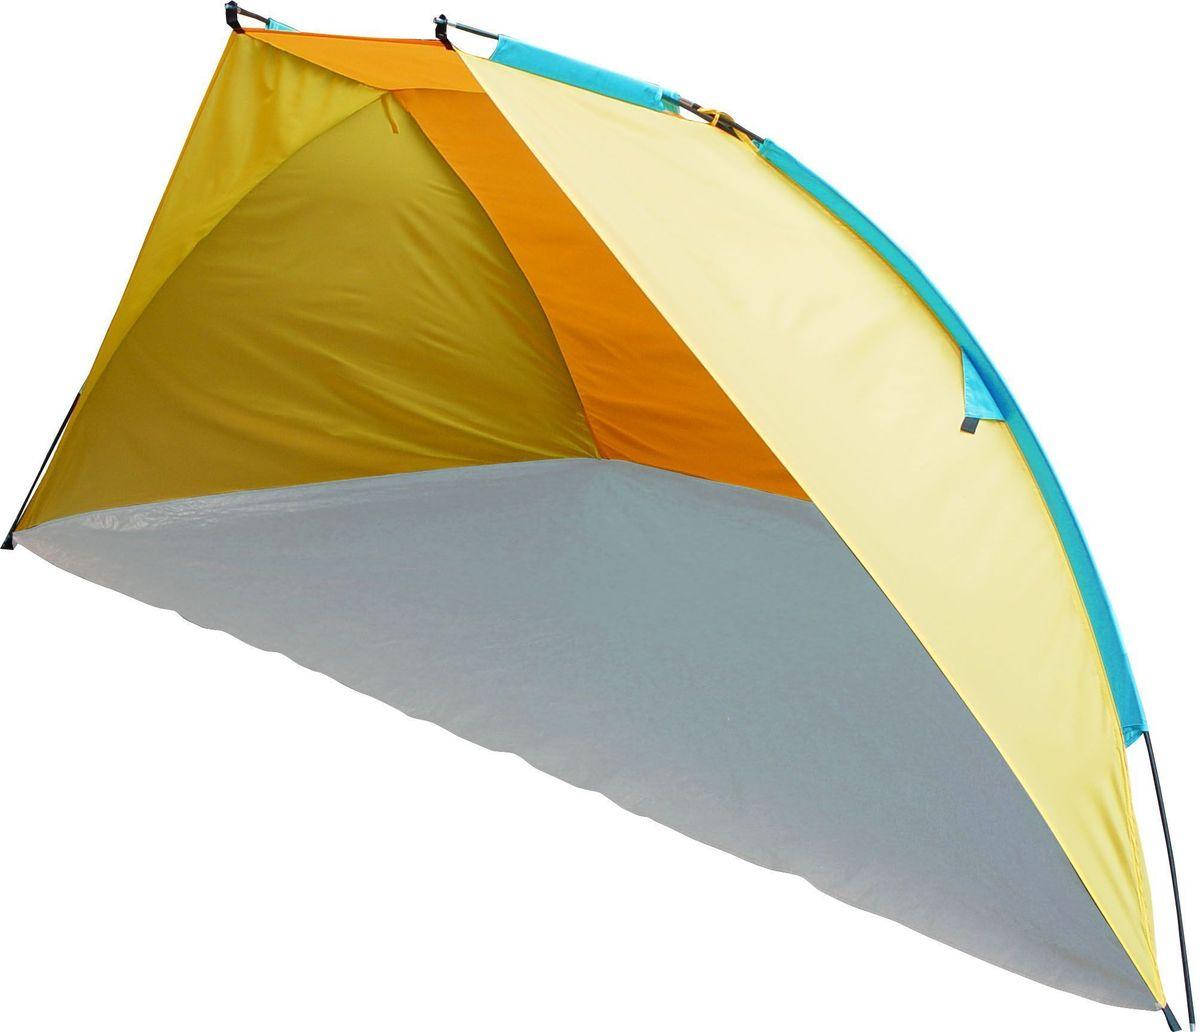 Тент пляжный GoGarden Tenerife Beach, 270 х 120 х 120 см, цвет: желтый, оранжевый50224Пляжный тент GoGarden Tenerife Beach, обеспечивает защиту от солнца, ветра и даже легких осадков - особенно полезен для очень маленьких детей. Очень прост в установке, имеет малый вес и удобный чехол с ручкой для переноски.Особенности модели:Простая и быстрая установка,Тент палатки из полиэстера, с пропиткой PU водостойкостью 500 ммКаркас выполнен из прочного стекловолокна,Дно изготовлено из прочного армированного полиэтилена, Утяжеляющий карман для песка для устойчивости тента,Растяжки и колышки в комплекте. Характеристики:Цвет: желтый/оранжевый.Размер шатра: 270 см х 120 см х 120 см.Материал шатра: 100% полиэстер, пропитка PU.Водостойкость тента: 500мм.Материал дуг: стеклопластик 7,9 мм.Вес: 1,4 кг.Размер в сложенном виде: 10 см х 68 см.Производитель: Китай.Артикул: 50224.